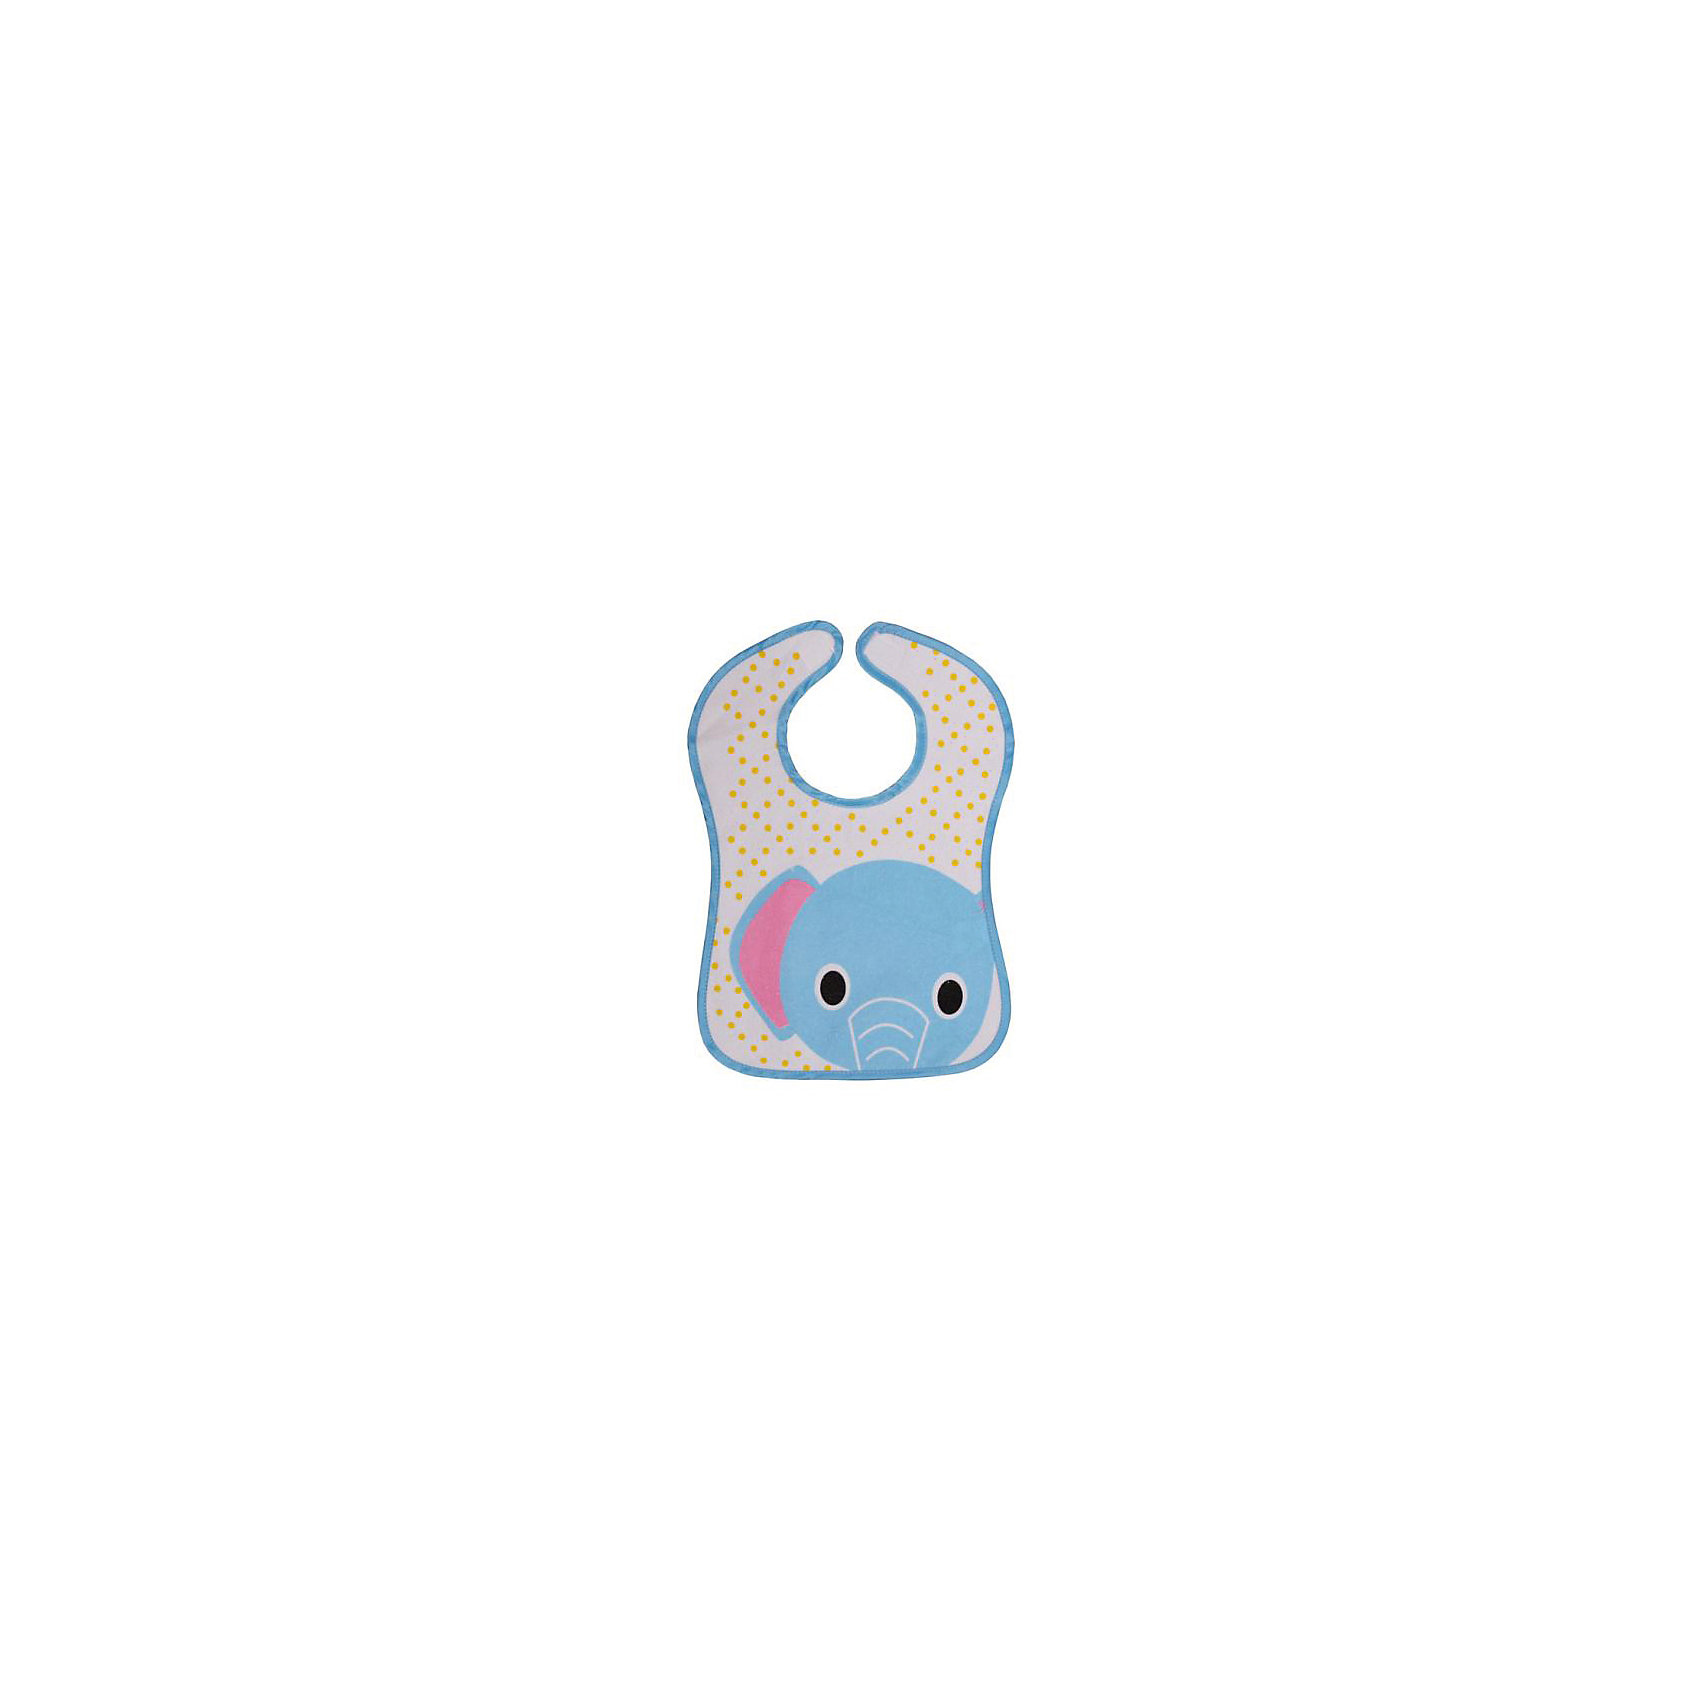 Нагрудник махровый Слоник Sevi baby, голубой (Sevi Baby)